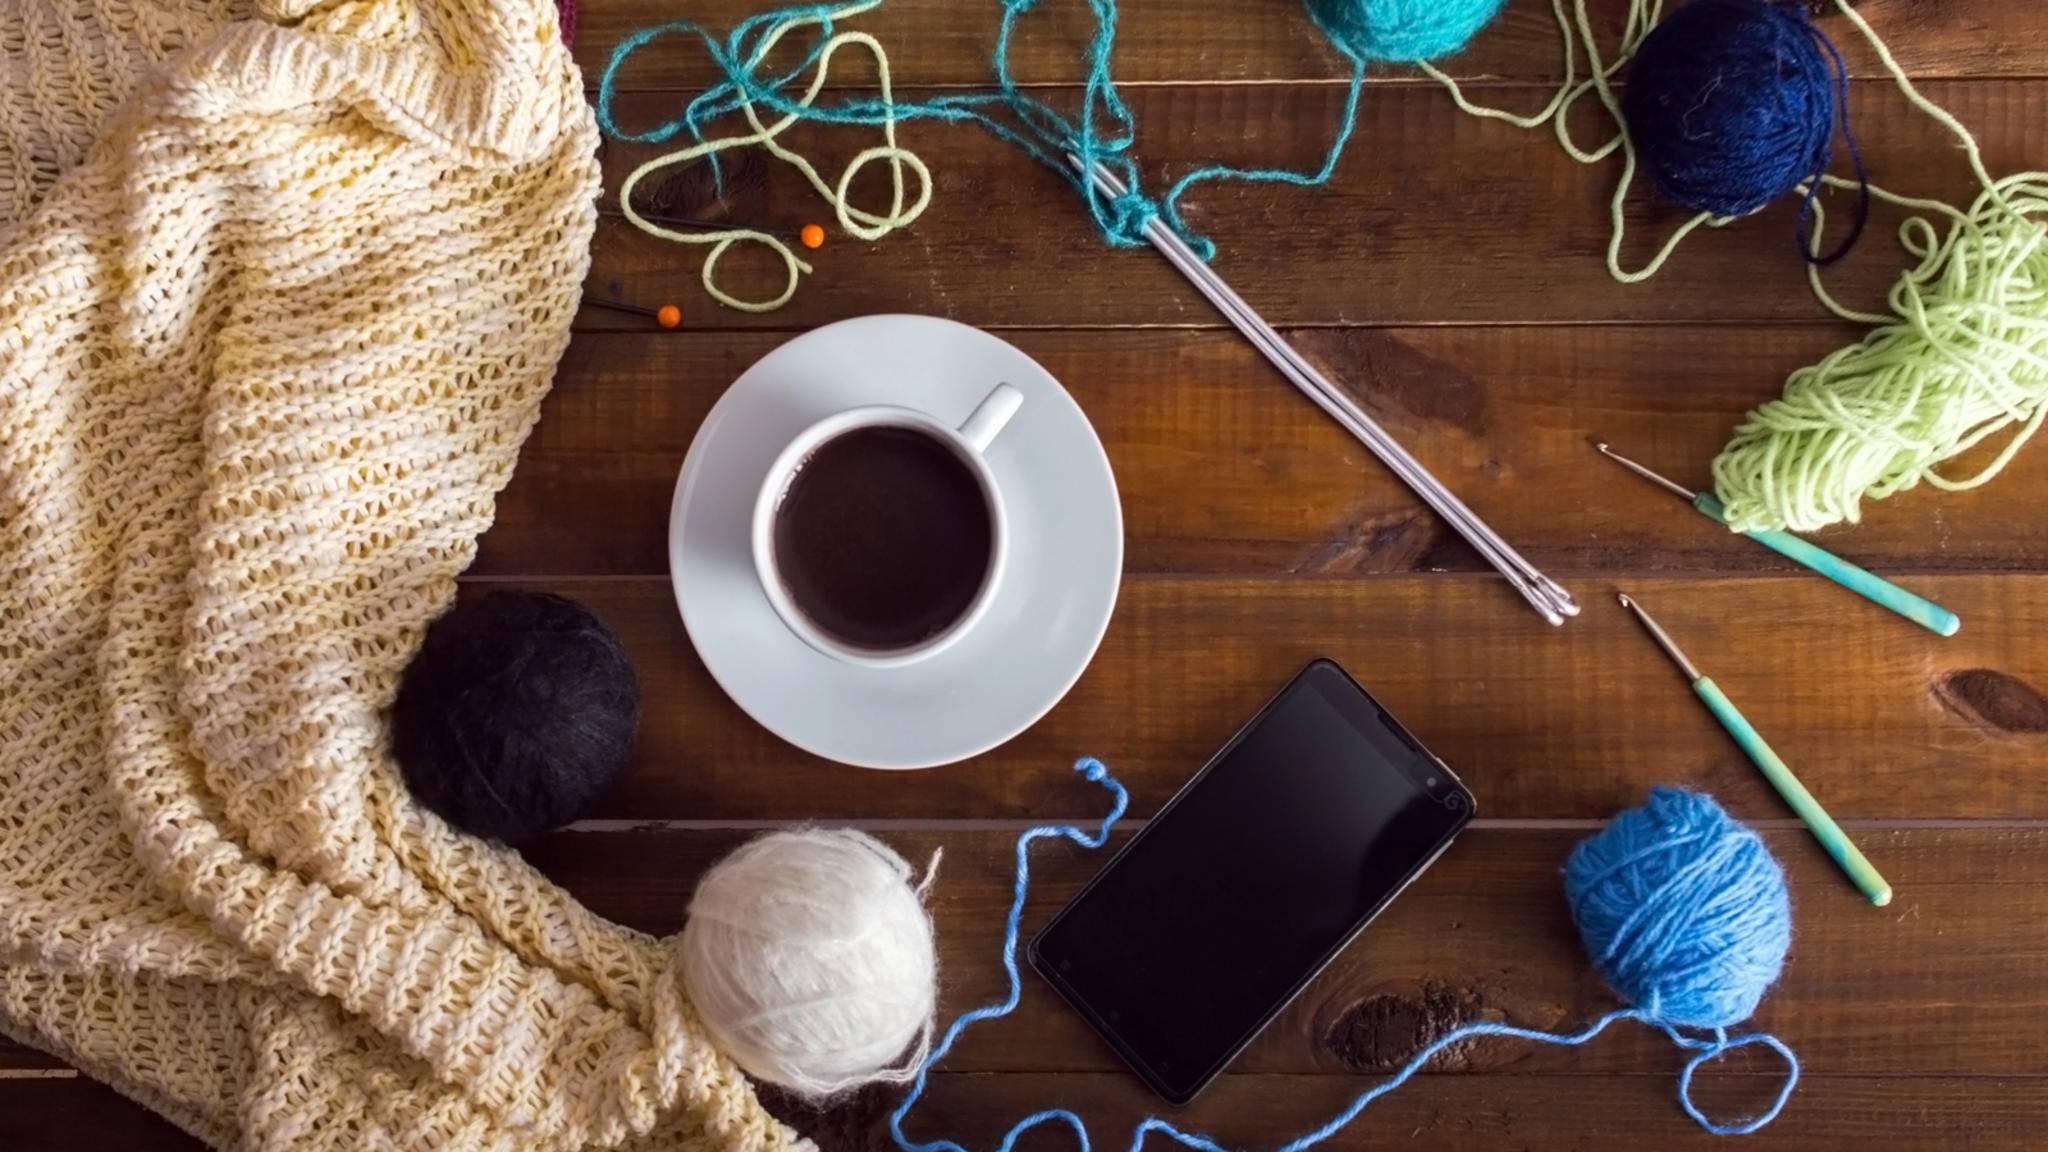 Mit der passenden Handarbeits-App wird das Smartphone zum praktischen Helfer beim Stricken und Häkeln.